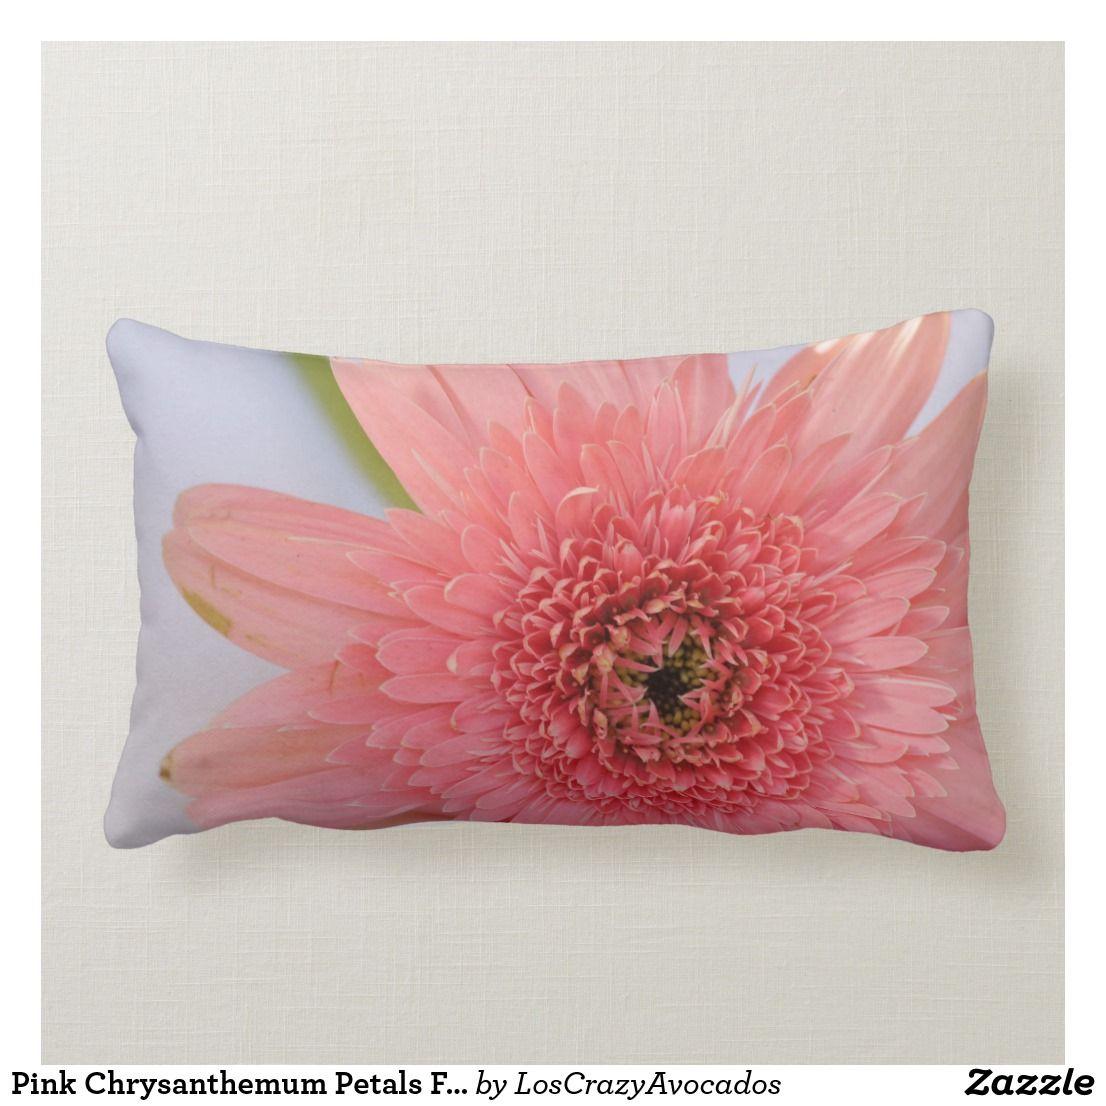 Pink Chrysanthemum Petals Flower Pillow Cushion Zazzle Com Flower Pillow Pillows Flowers Floral Cushions